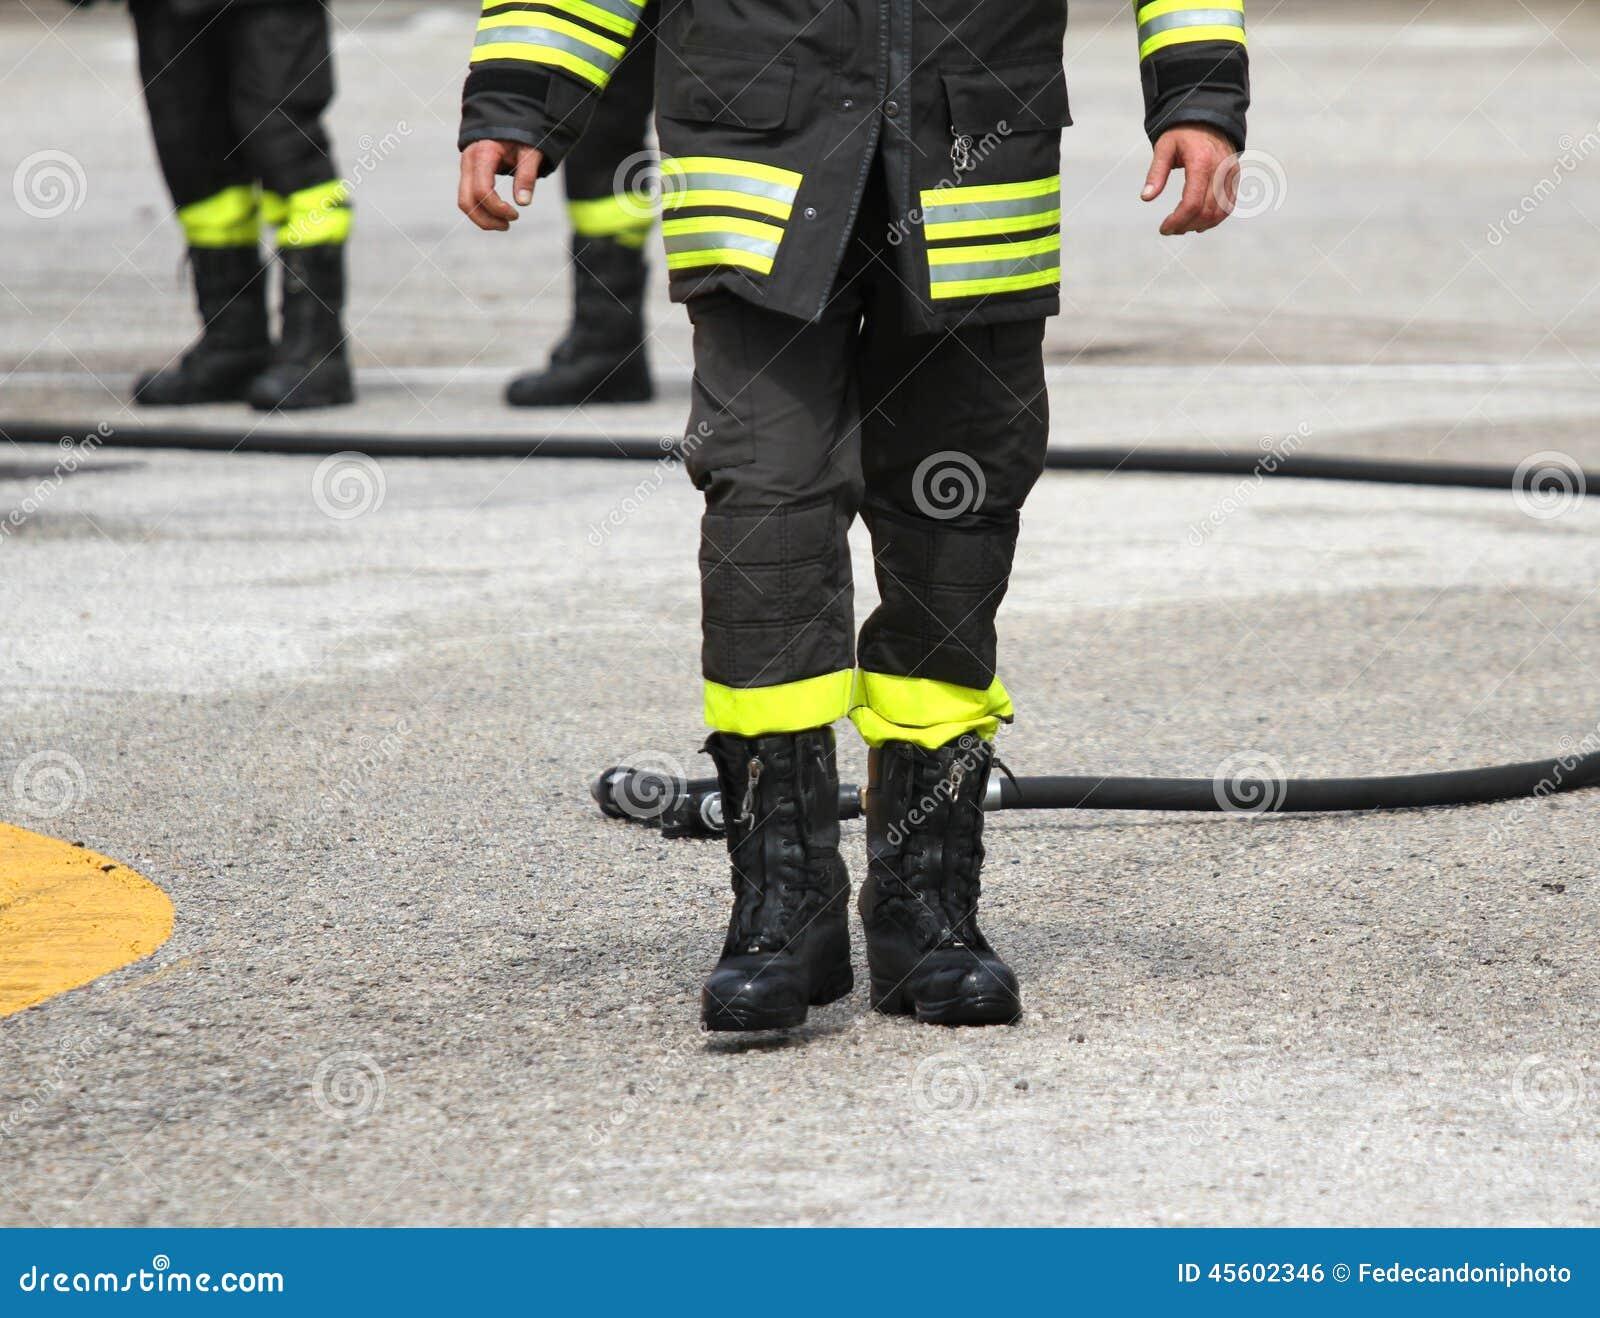 bottes protectrices d 39 un sapeur pompier apr s le. Black Bedroom Furniture Sets. Home Design Ideas